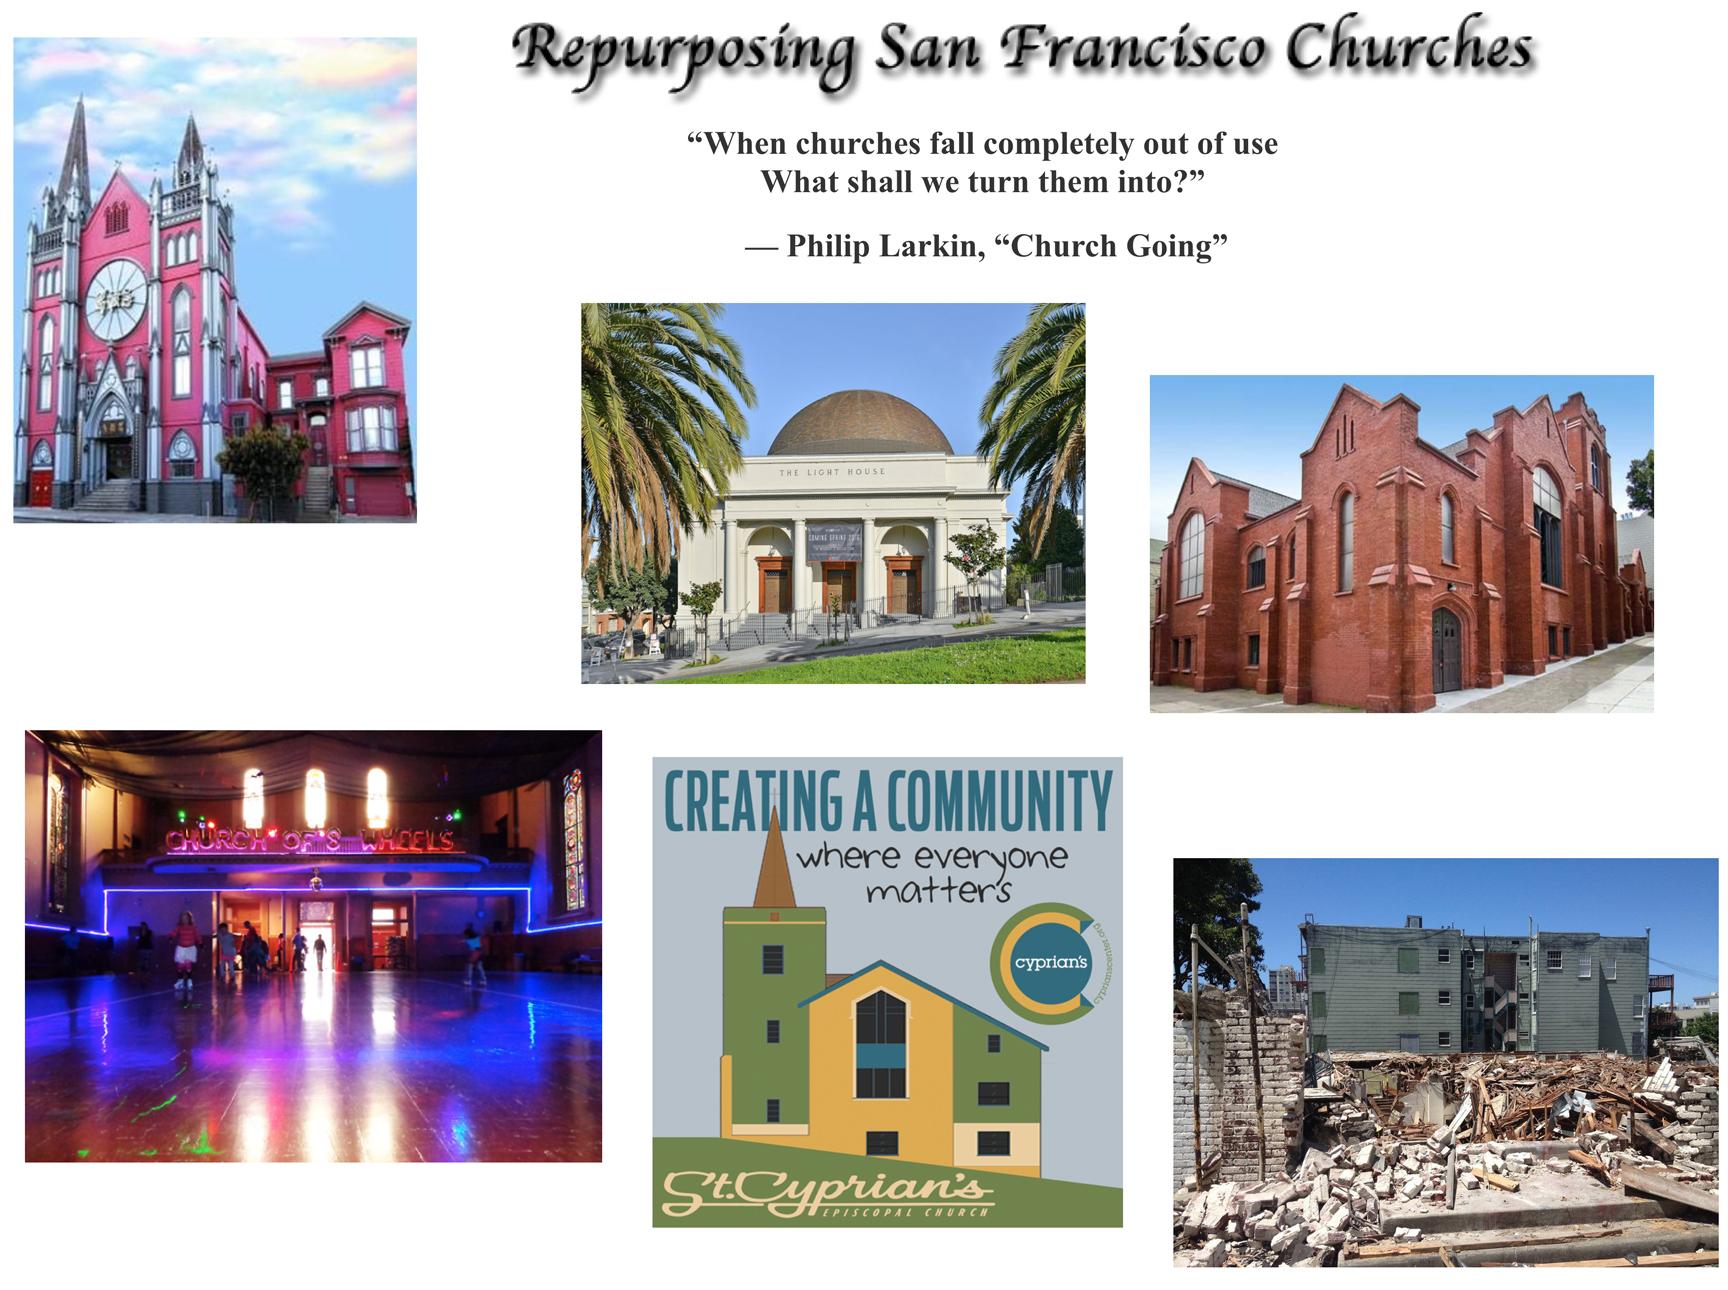 Repurpose page 1.jpg